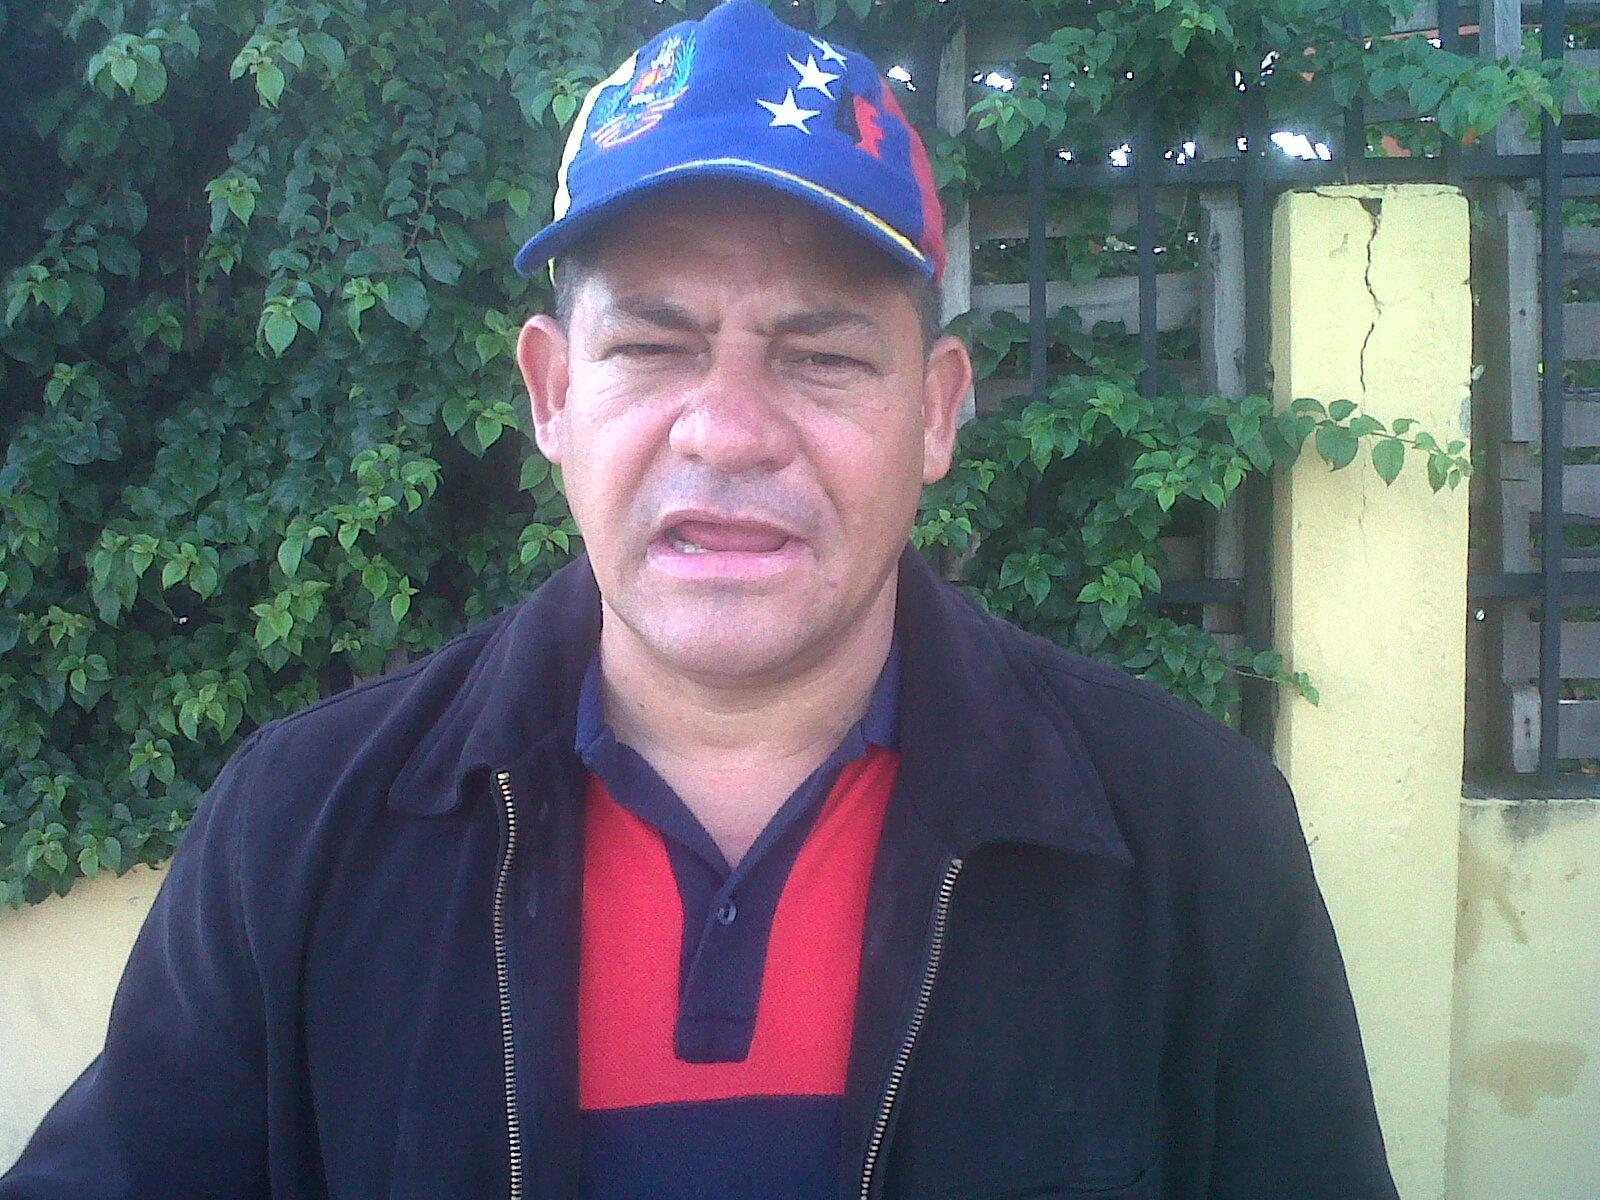 Centro de votación Andréz Bello en el caserío Corozal